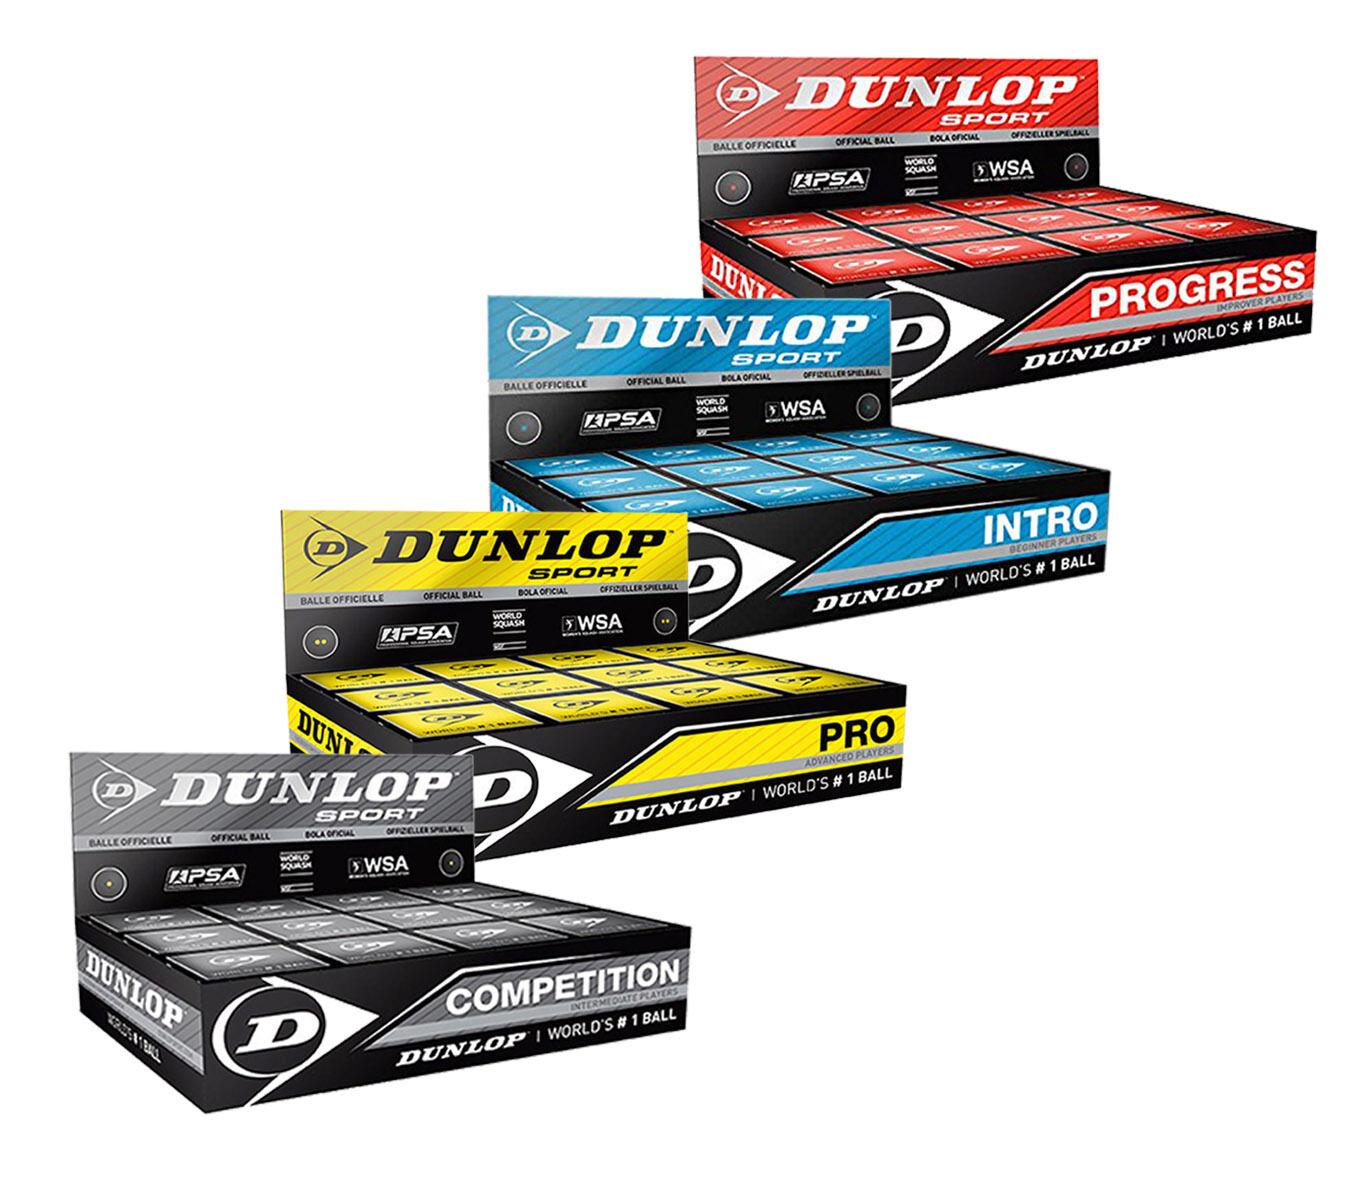 Dunlop Squash Balls PRO DOPPIO PUNTO GIALLO-concorrenza ROSSO PROGRESSI INTRO Blu